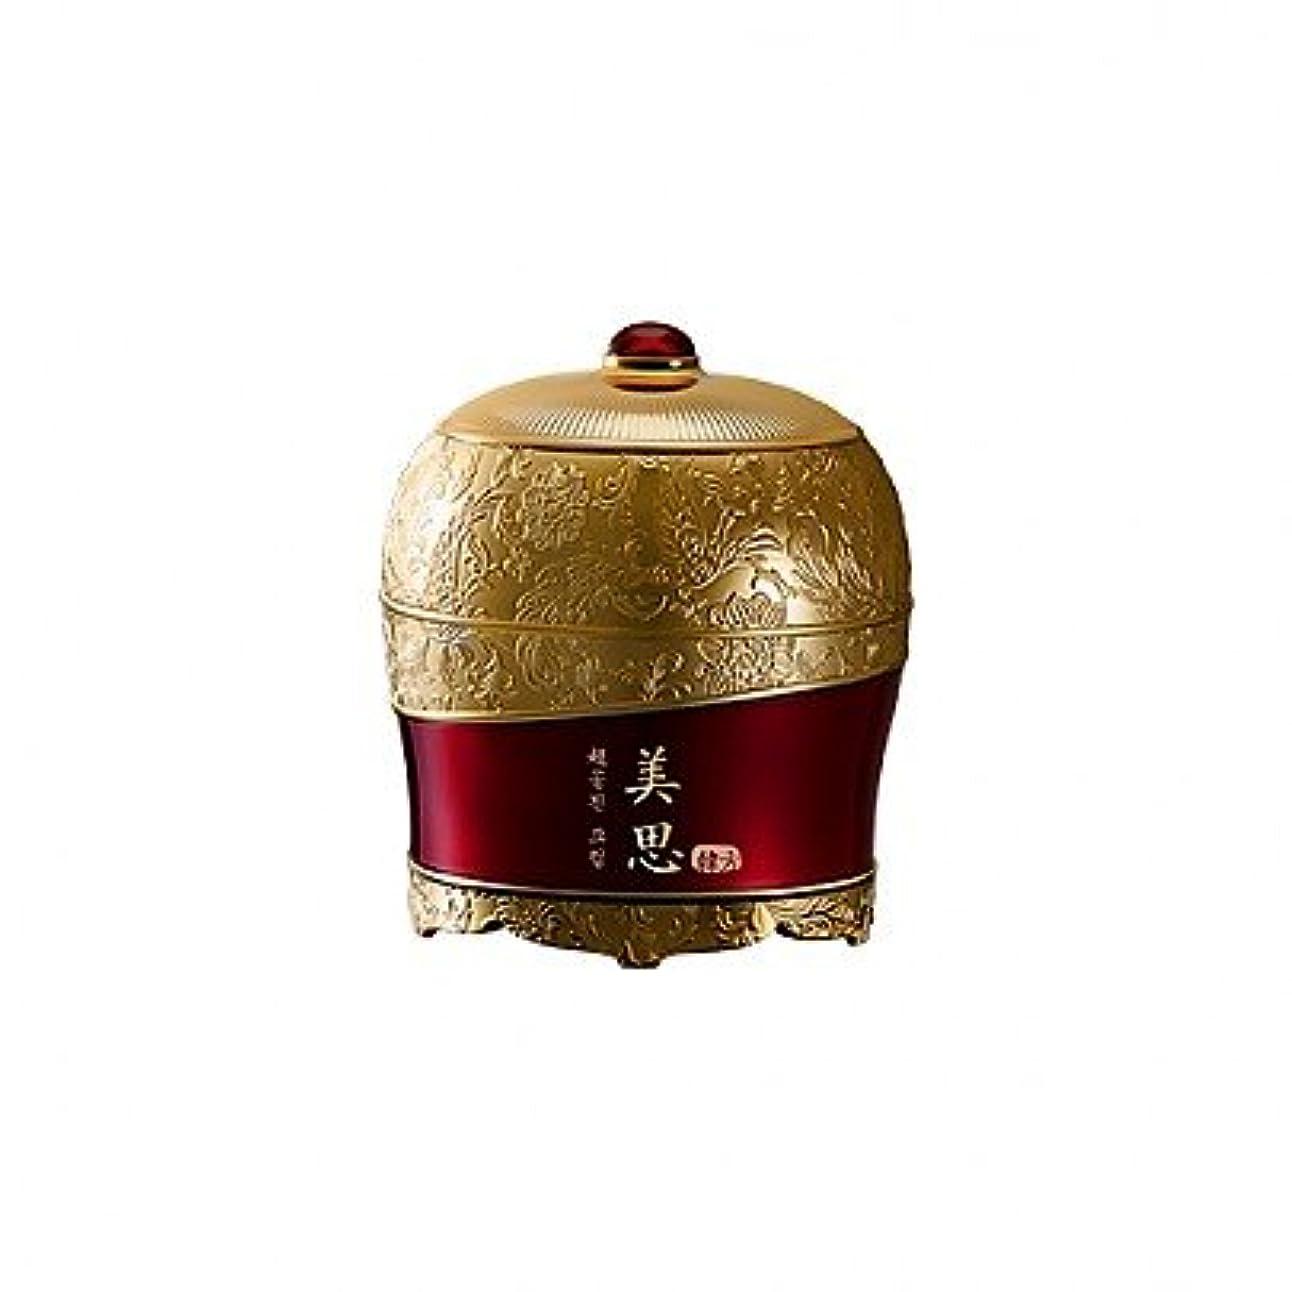 マイナーチロ記念MISSHA/ミシャ チョゴンジン クリーム (旧チョボヤン) 60ml[海外直送品]